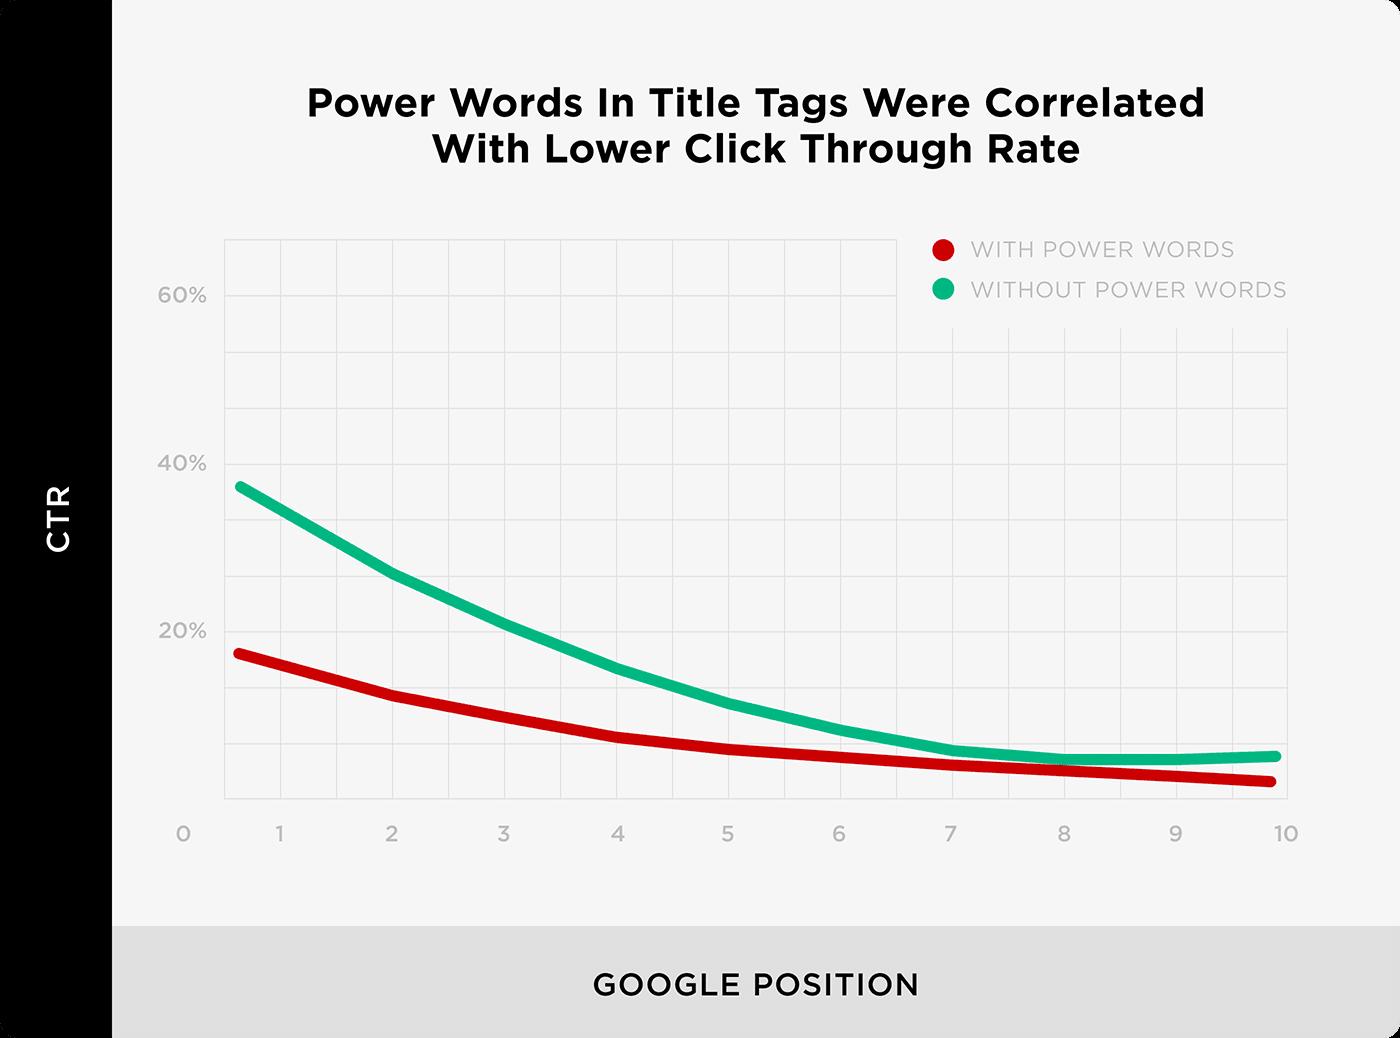 Sức mạnh từ trong thẻ tiêu đề đã được tương quan với tỷ lệ nhấp thấp hơn - Mẹo tiếp thị nội dung